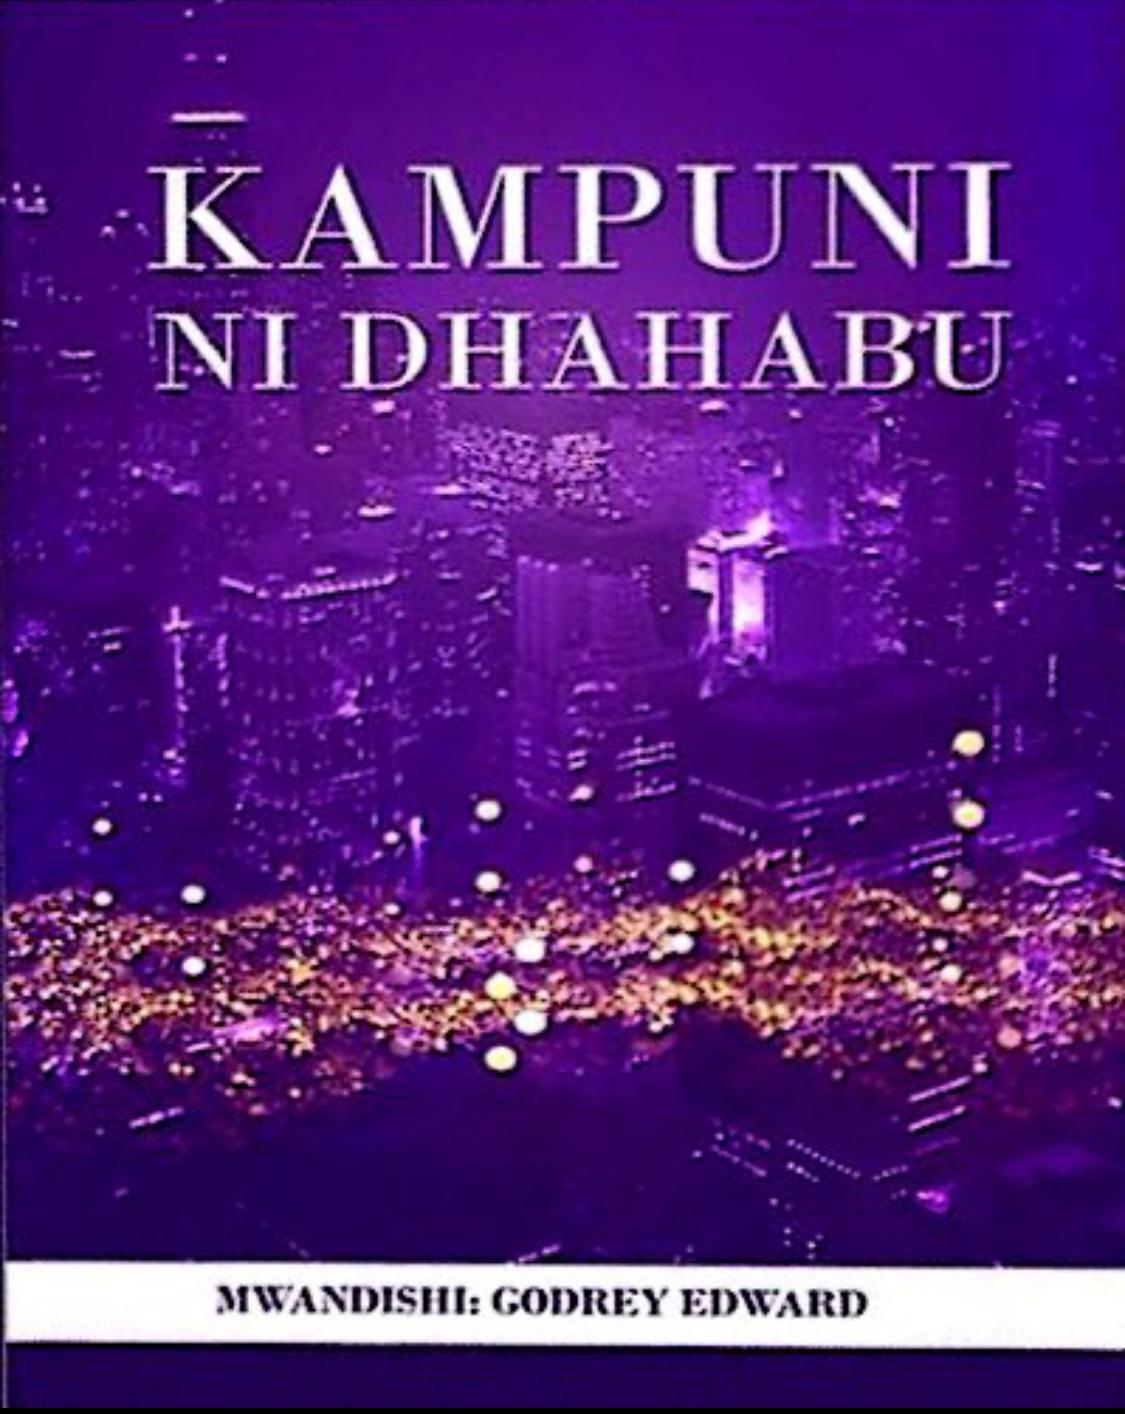 KAMPUNI NI DHAHABU